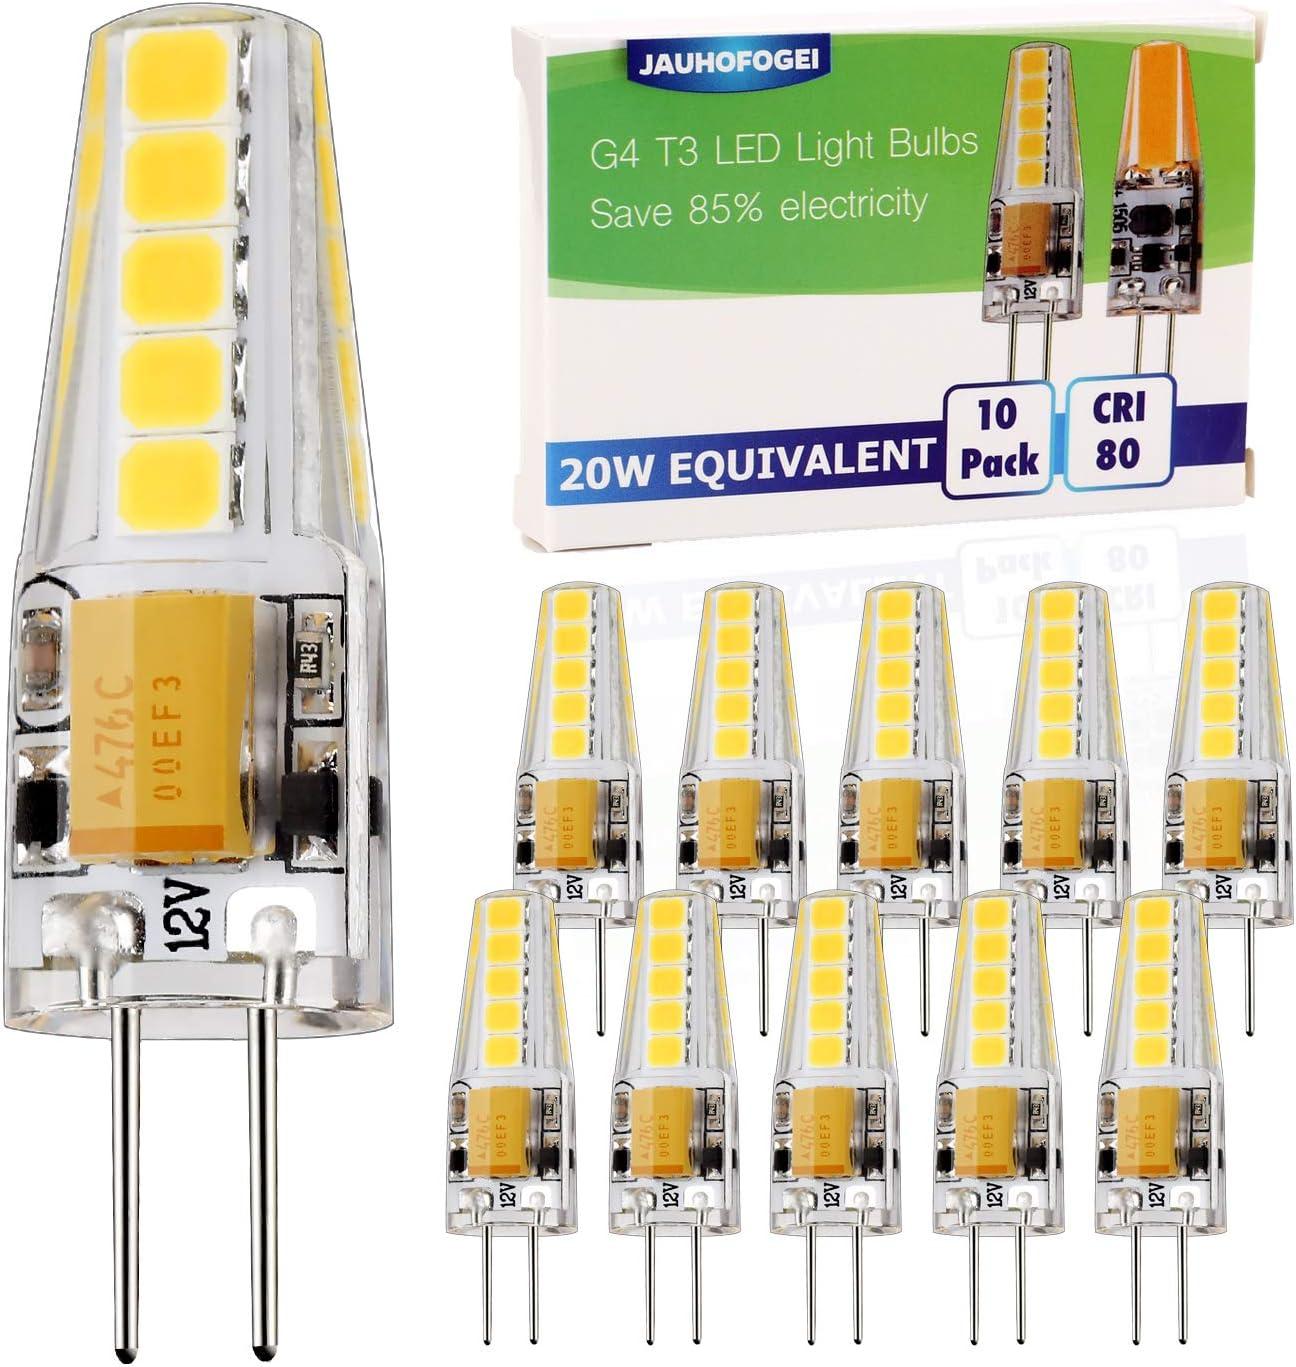 JAUHOFOGEI 10x 2W Mini Bombilla LED G4, 12-24V AC DC, Equivalente a 20W Halógena, Blanco frío 6000K, No Regulable, Lámpara de techo de muebles de foco empotrable